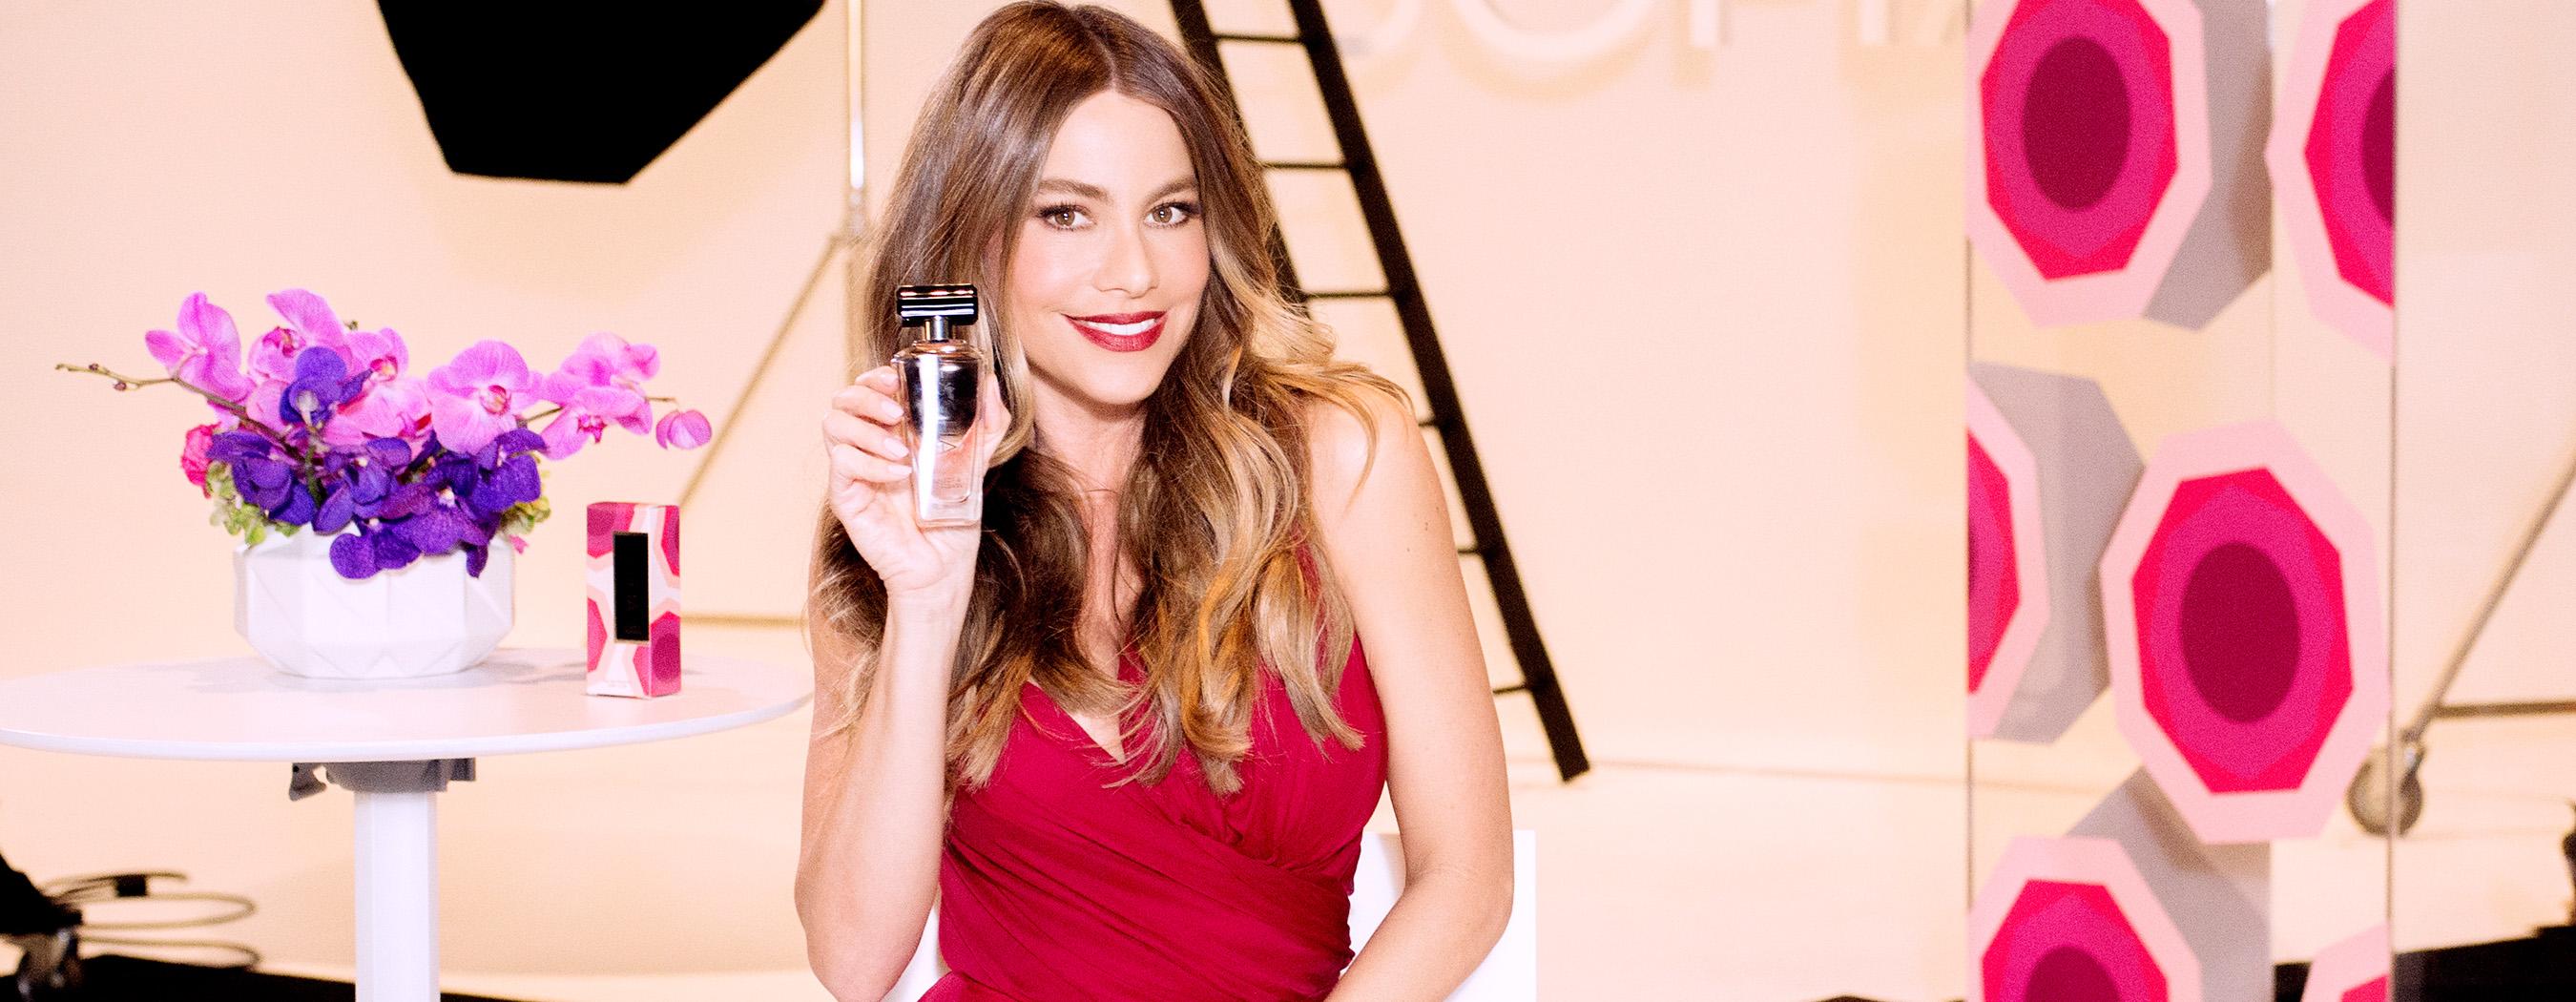 SOFIA Vergara y Avon celebran el lanzamiento de la fragancia So Very Sofia